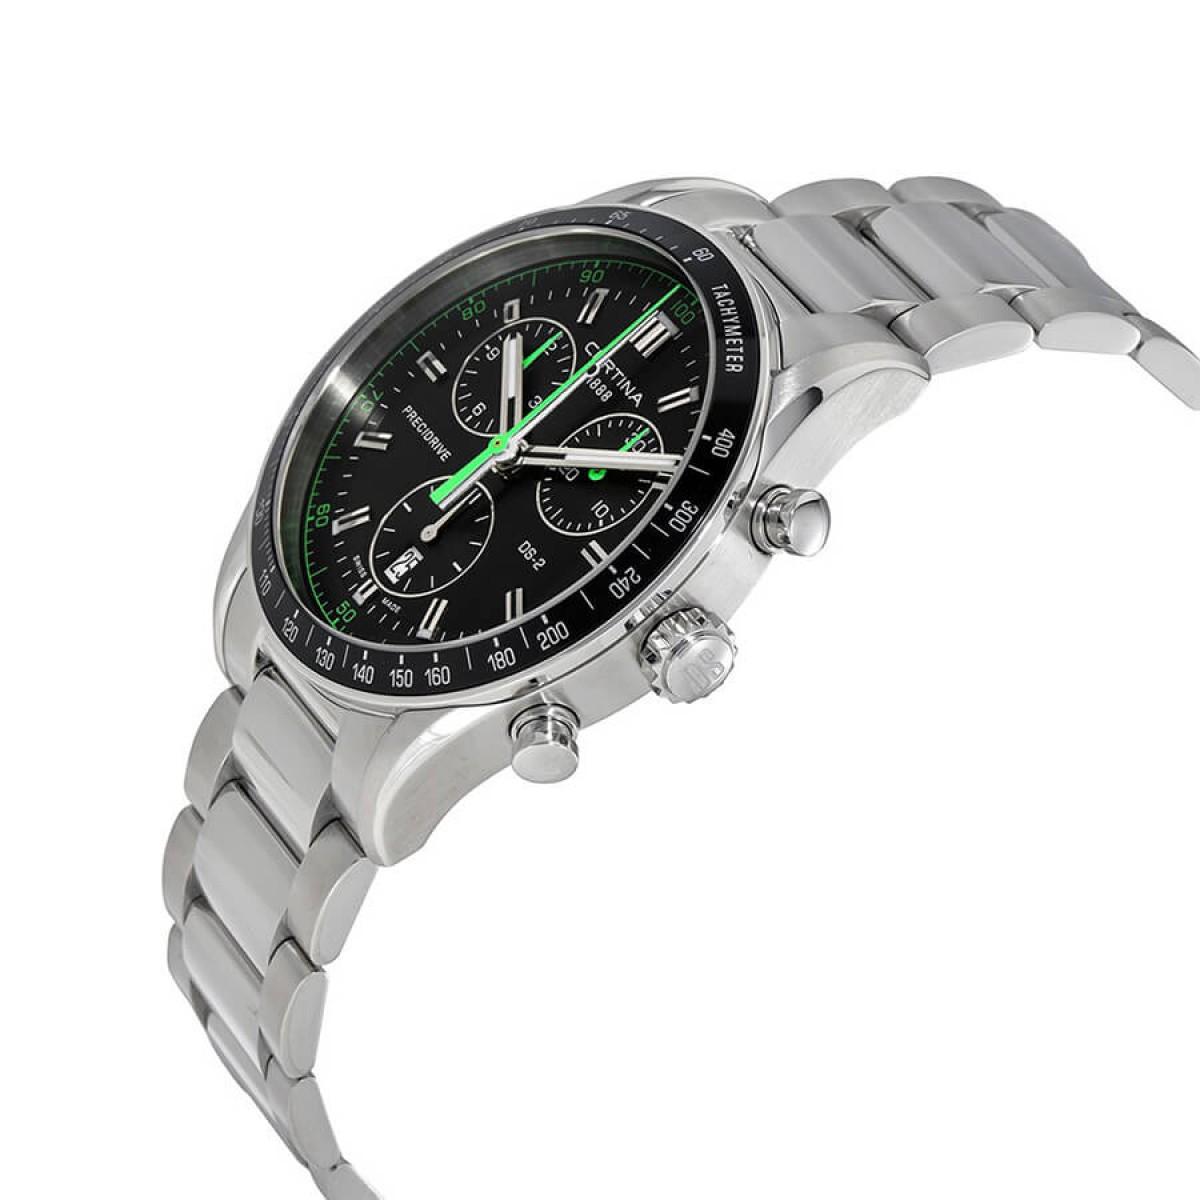 Часовник Certina C024.447.11.051.02